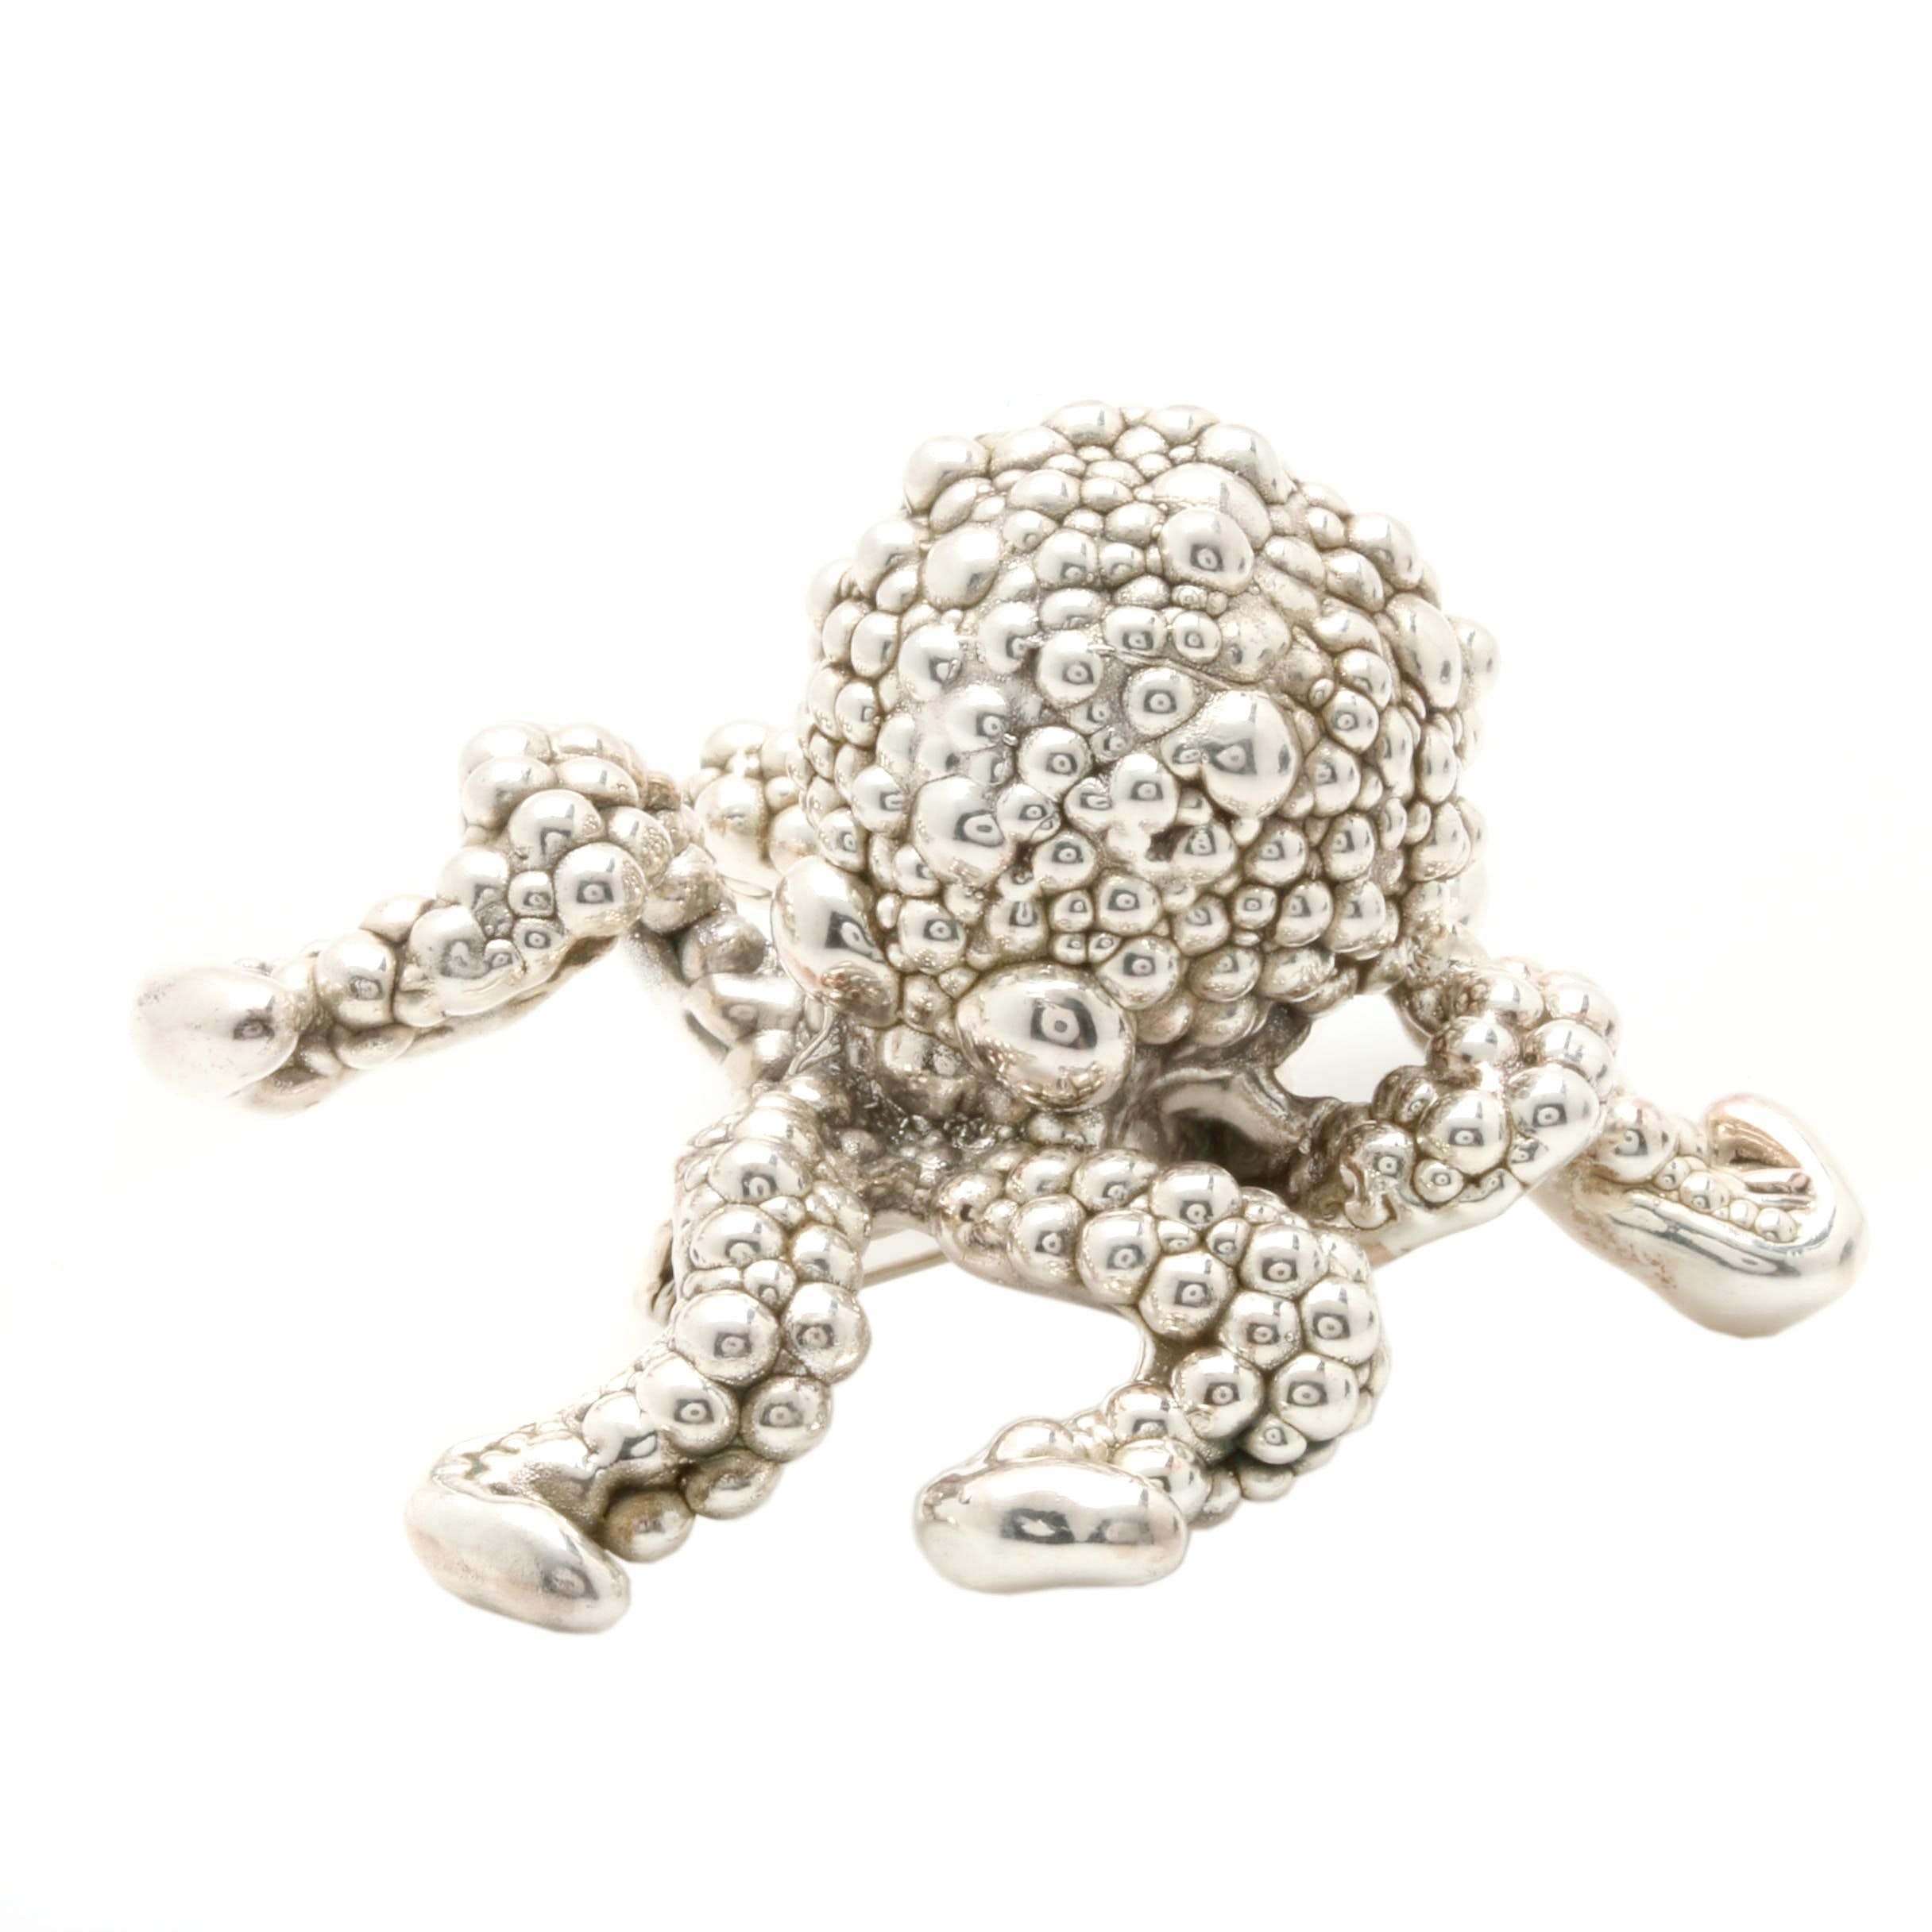 Silver Tone Octopus Brooch